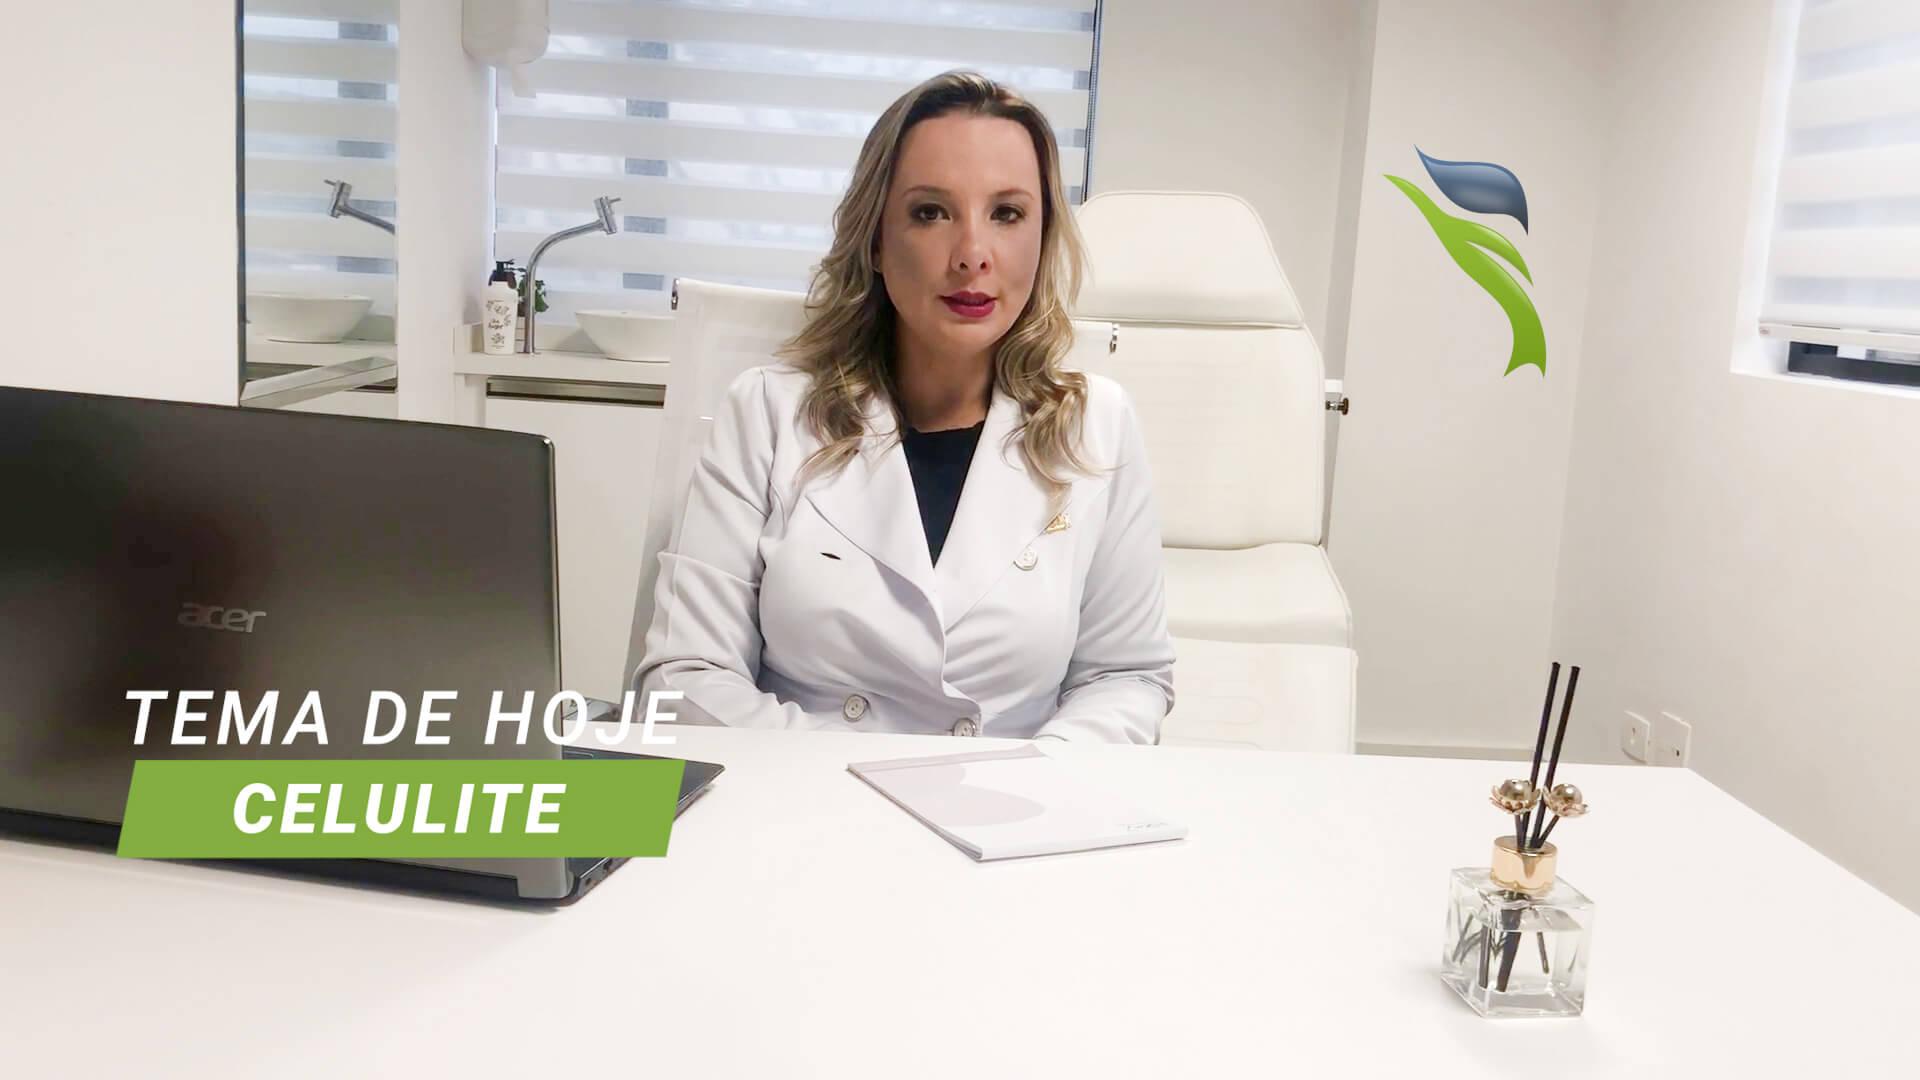 Celulite: momento ideal de tratar é no inverno